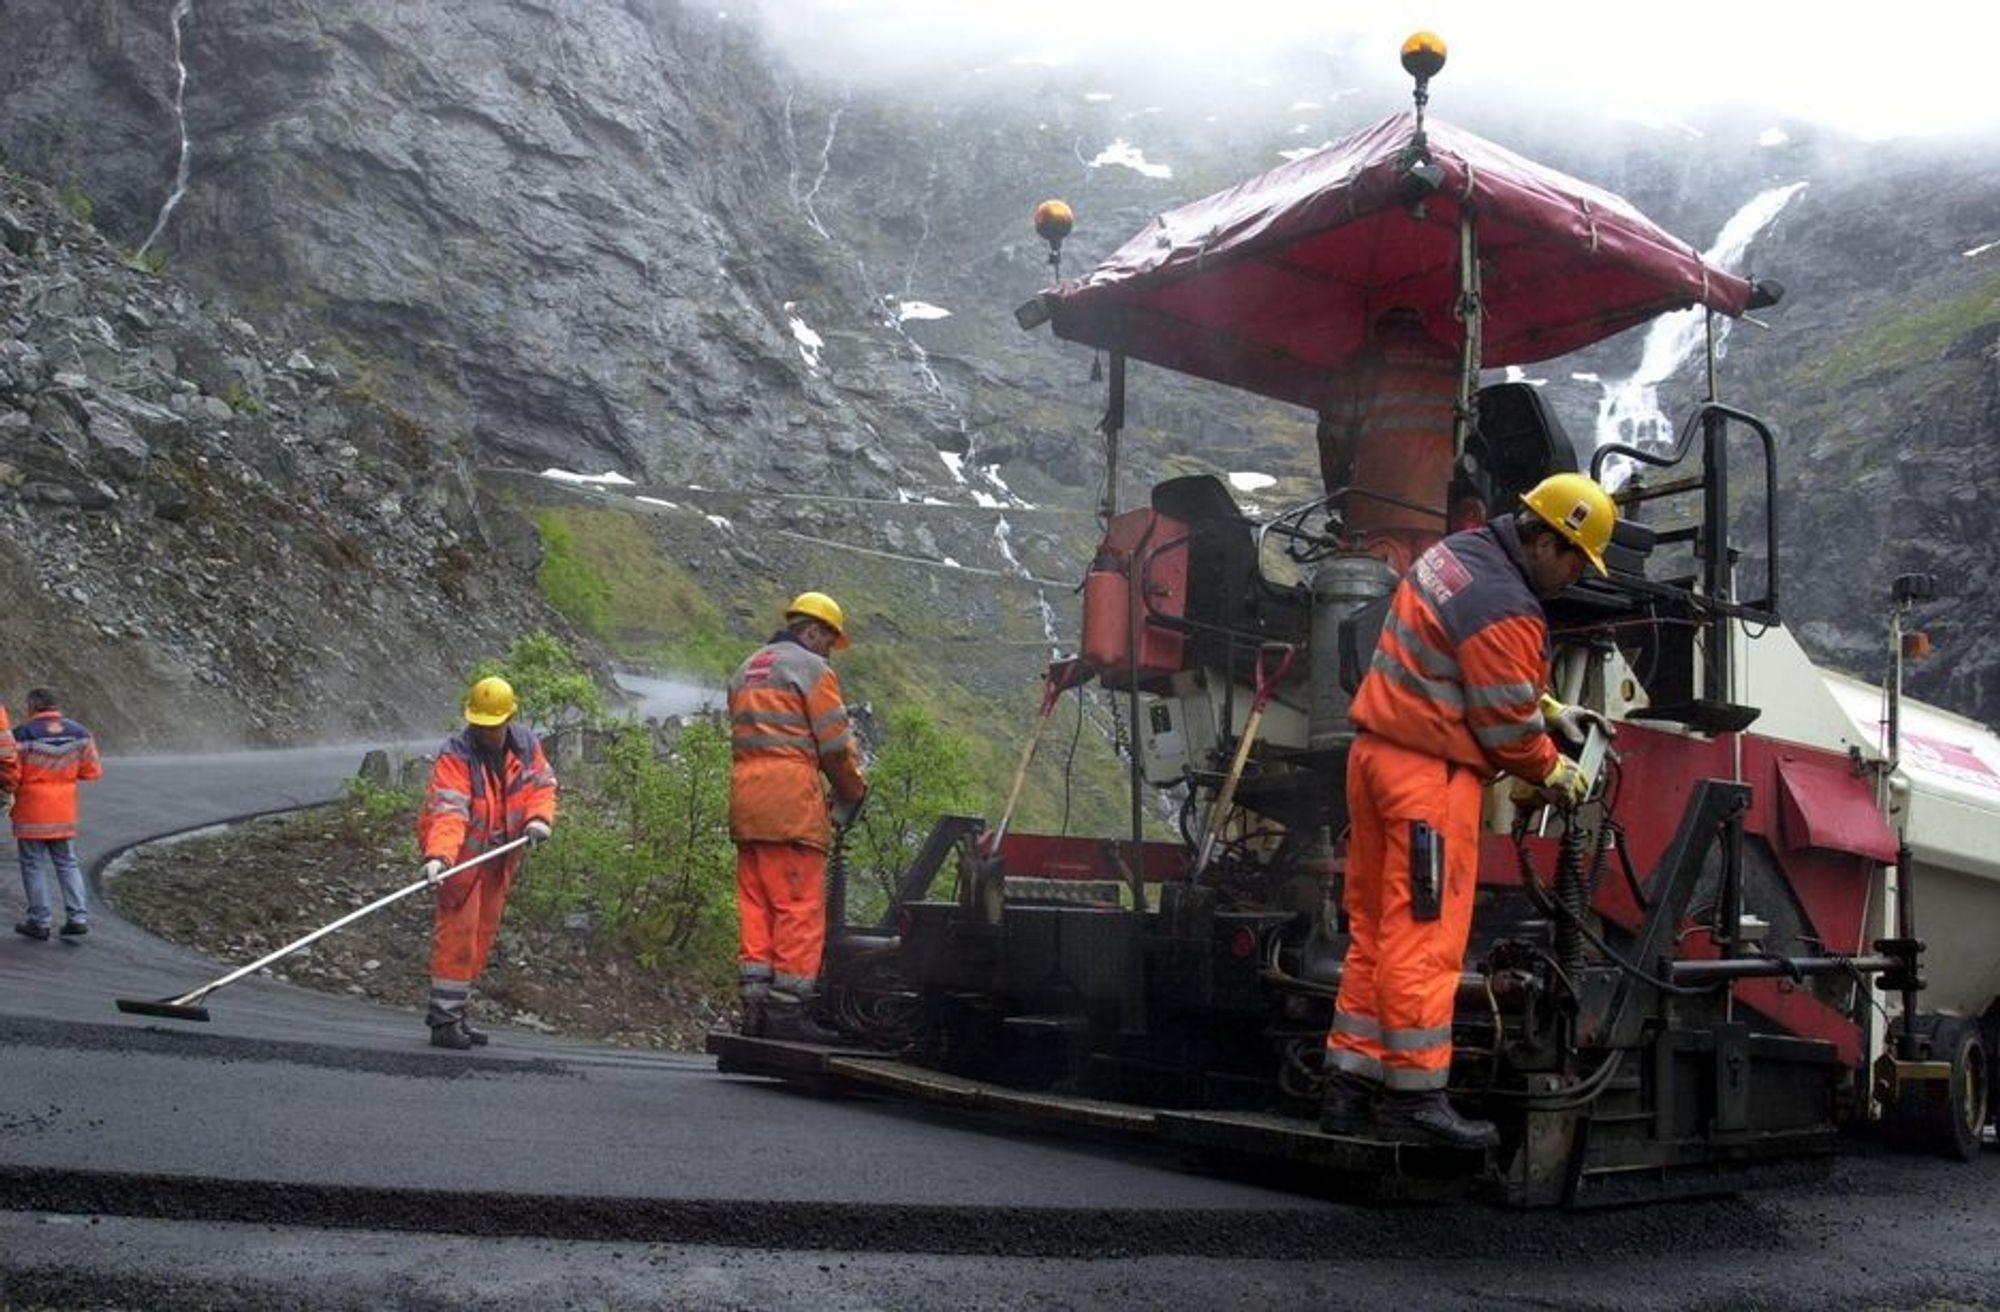 Hverken Trollstigen eller andre fylkesvegstrekninger kan regne med å få ny asfalt i 2012, om fylkesrådmannen får sitt budsjettforslag igjennom.